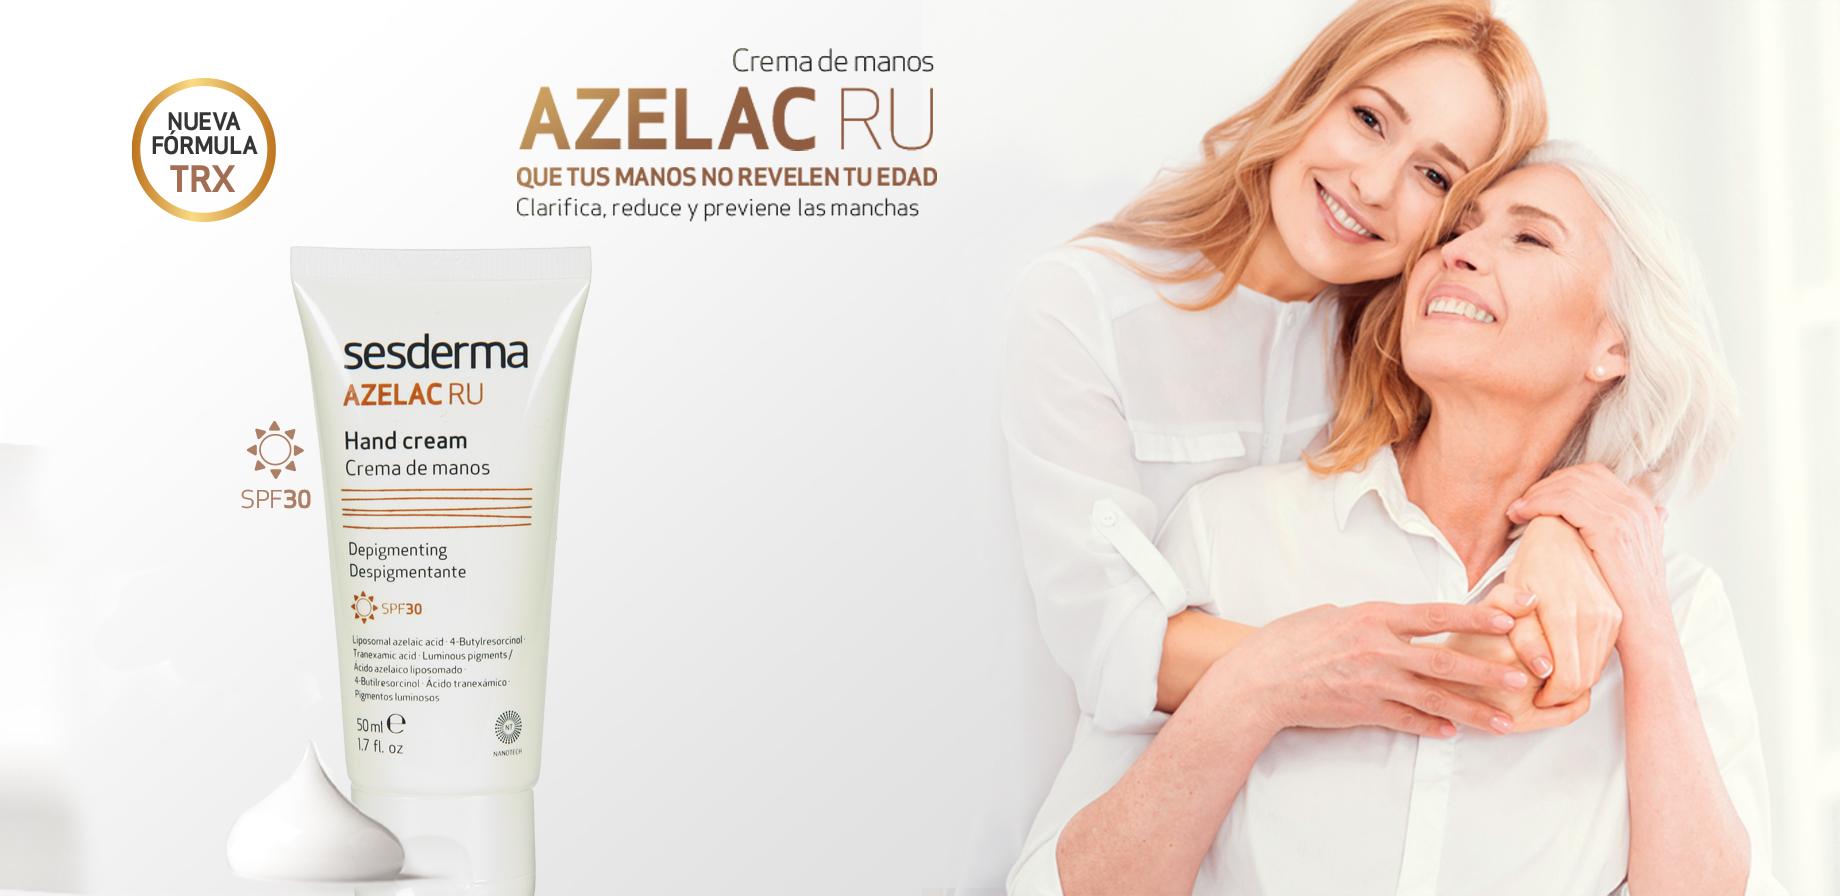 Sesderma Azelac RU Crema de manos antiedad despigmentante